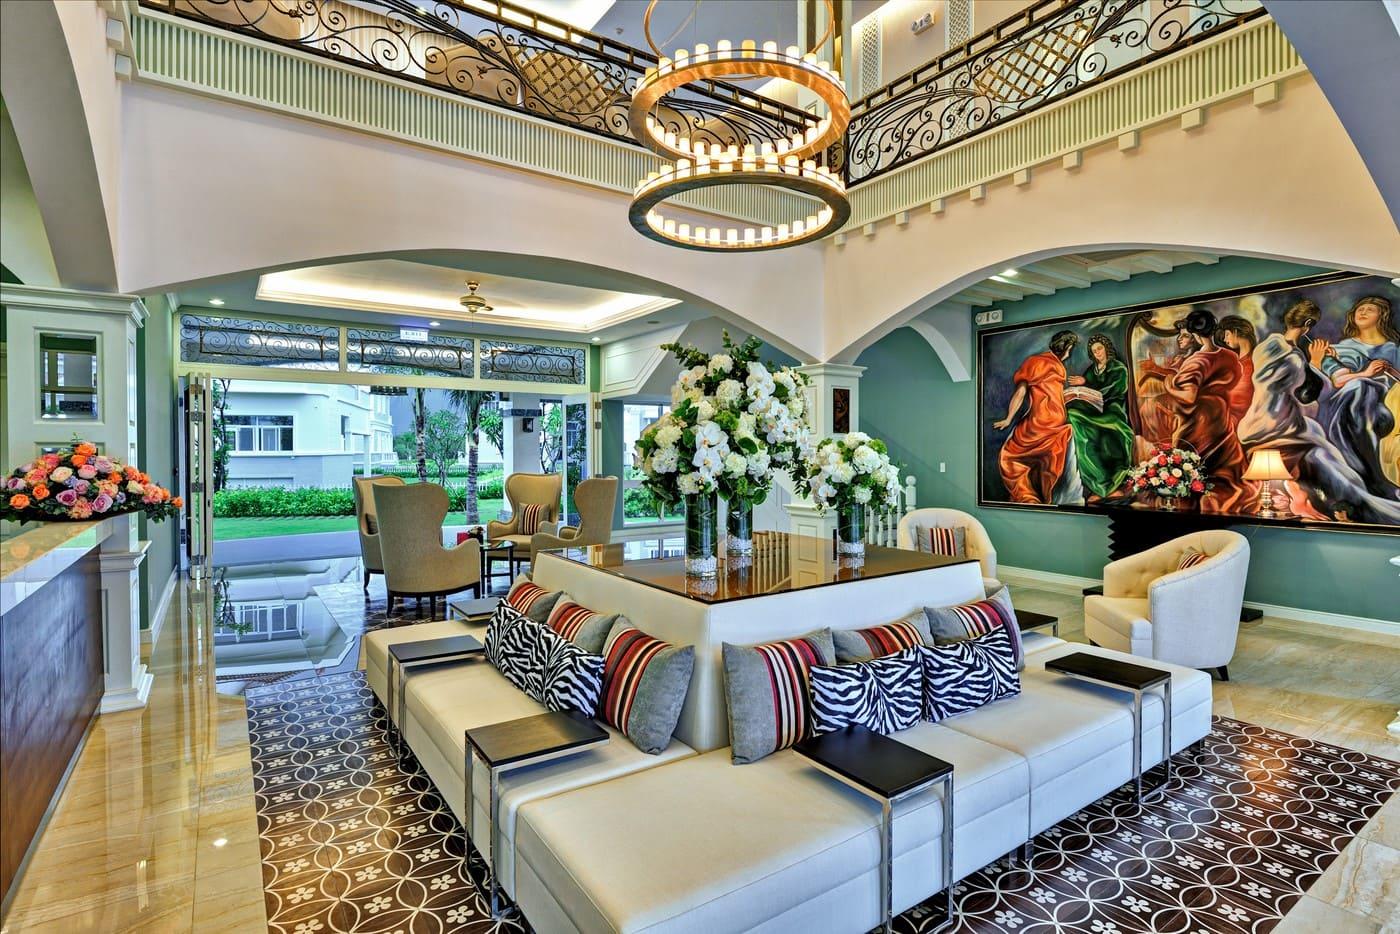 Chuỗi tiện ích trong Clubhouse biệt thự Chateau từ khi ra đời đã tạo điểm son trên thị trường bất động sản về mô hình nghỉ dưỡng tại gia. Không gian này tích hợp nhiều loại hình dịch vụ hồ bơi, phòng tập gym, phòng chơi cho trẻ…